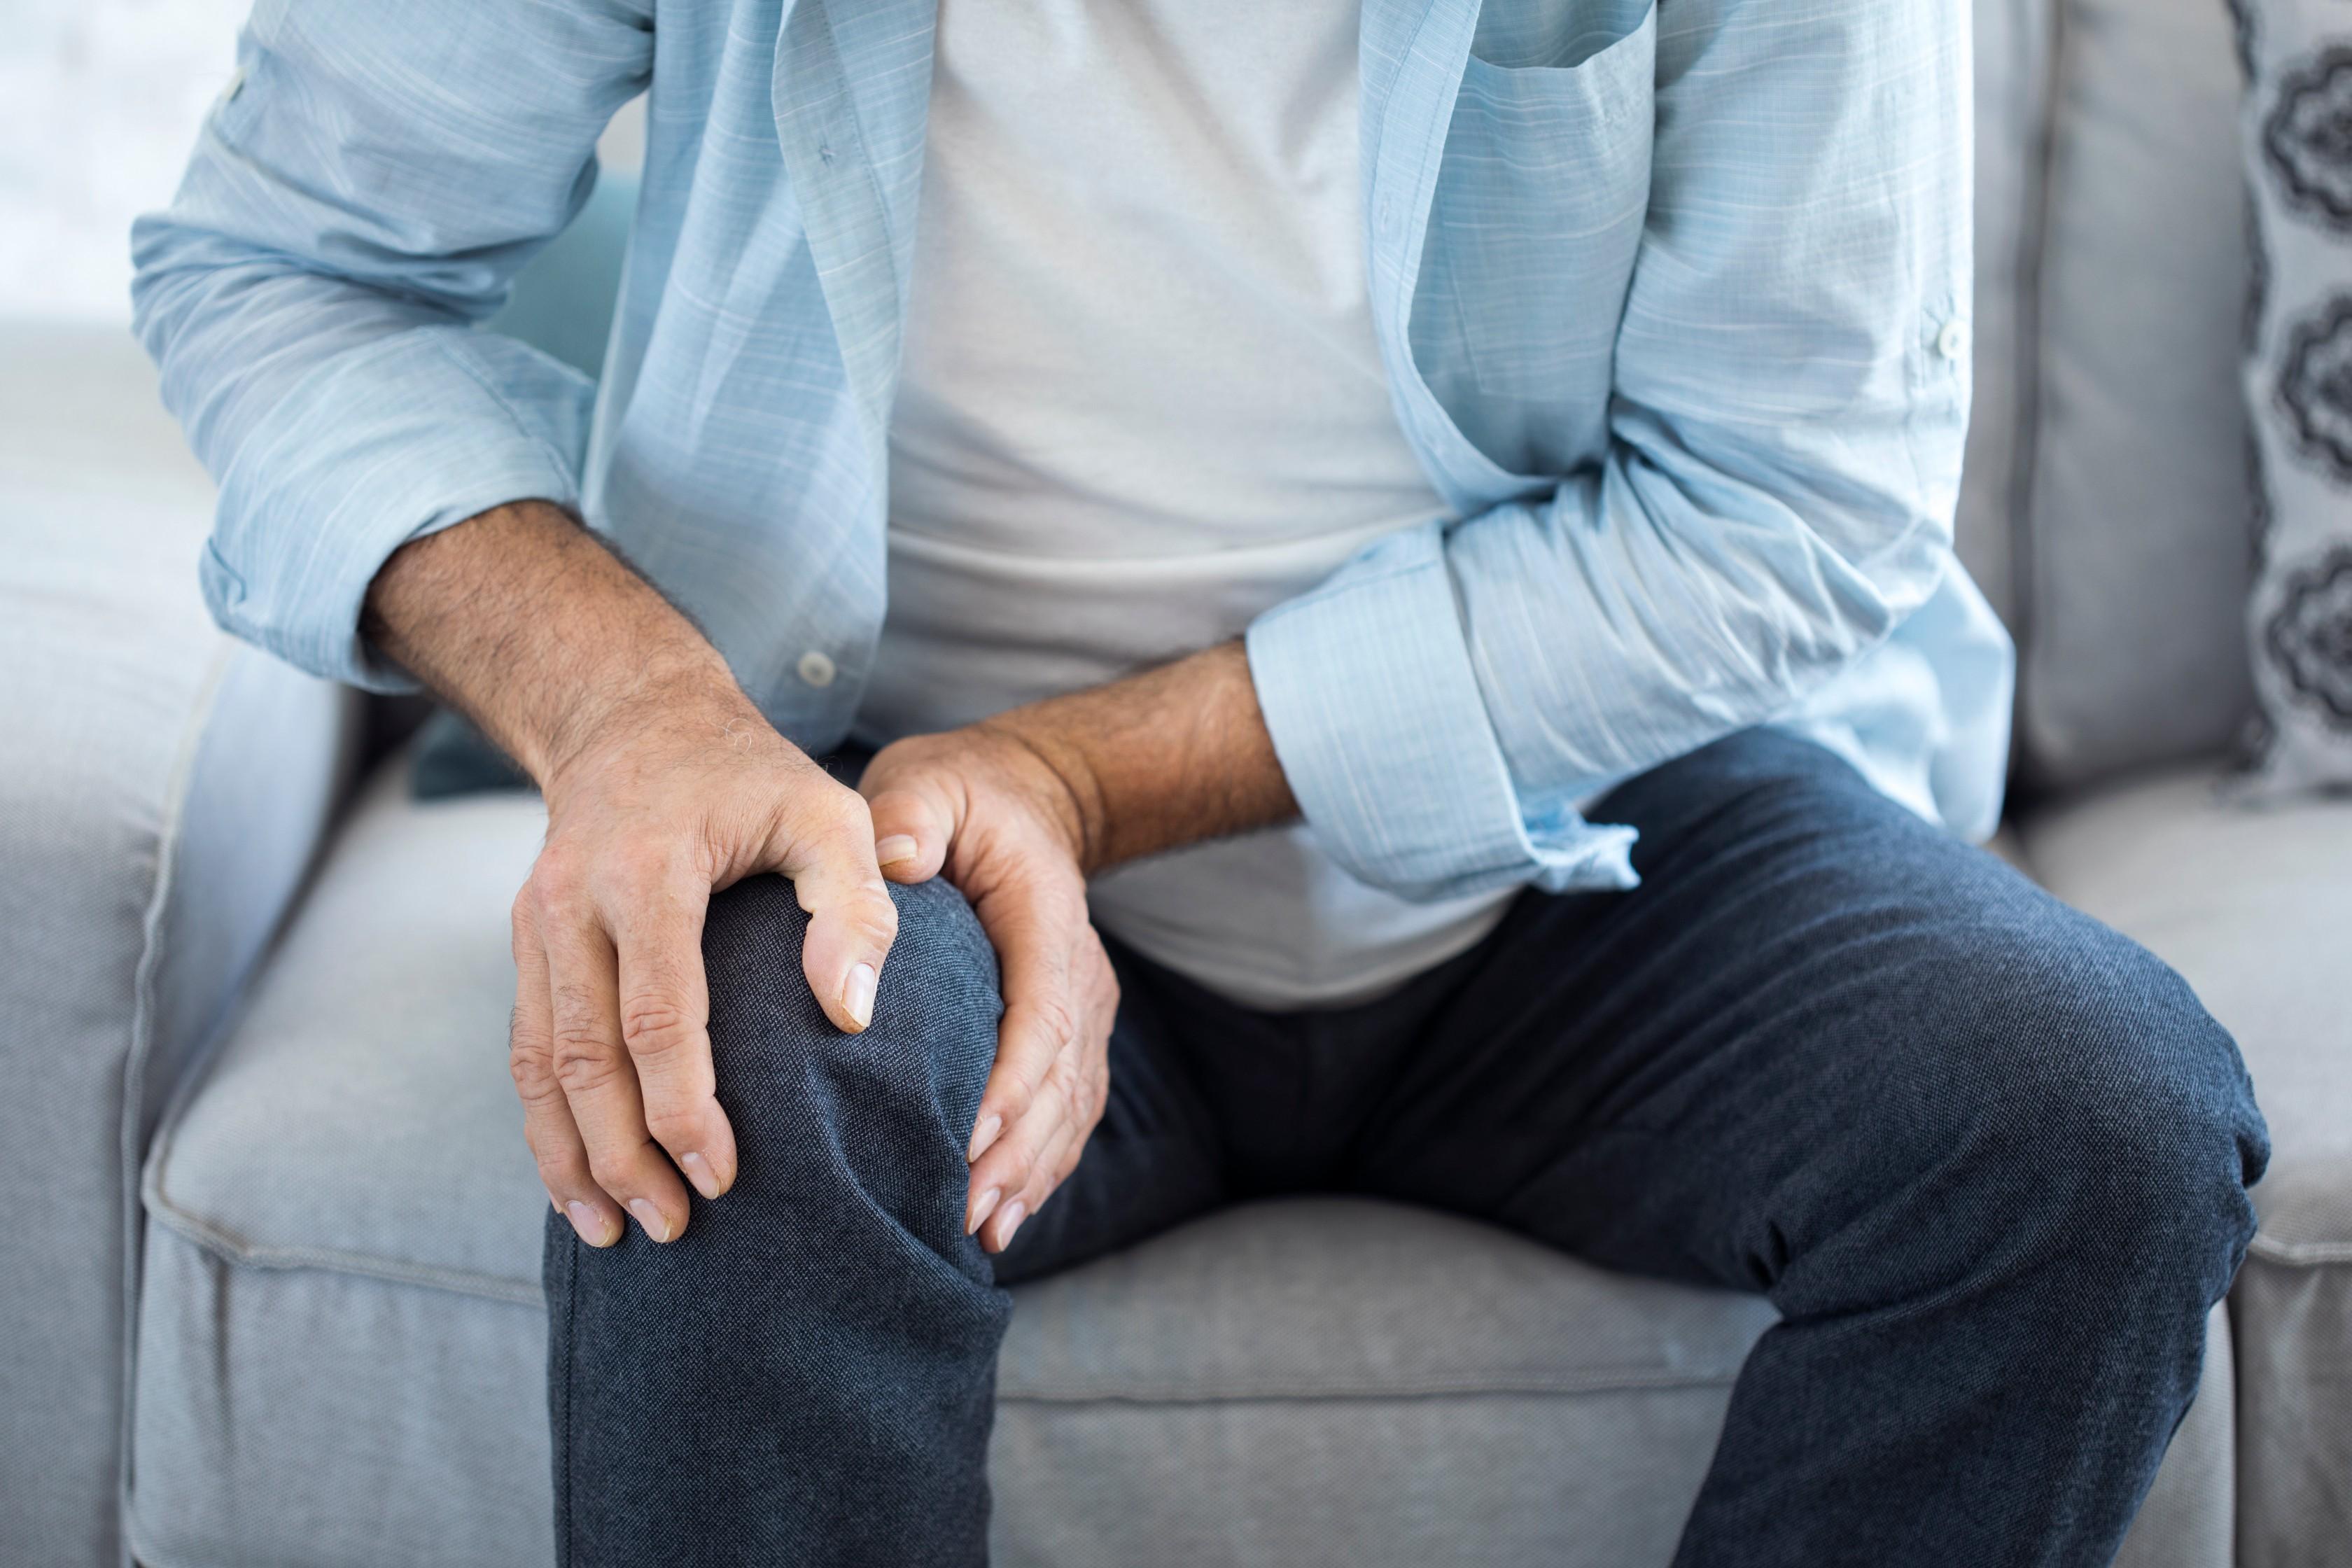 homeopátia a csípőízület fájdalmához vállfájdalom sugárzik a fej felé